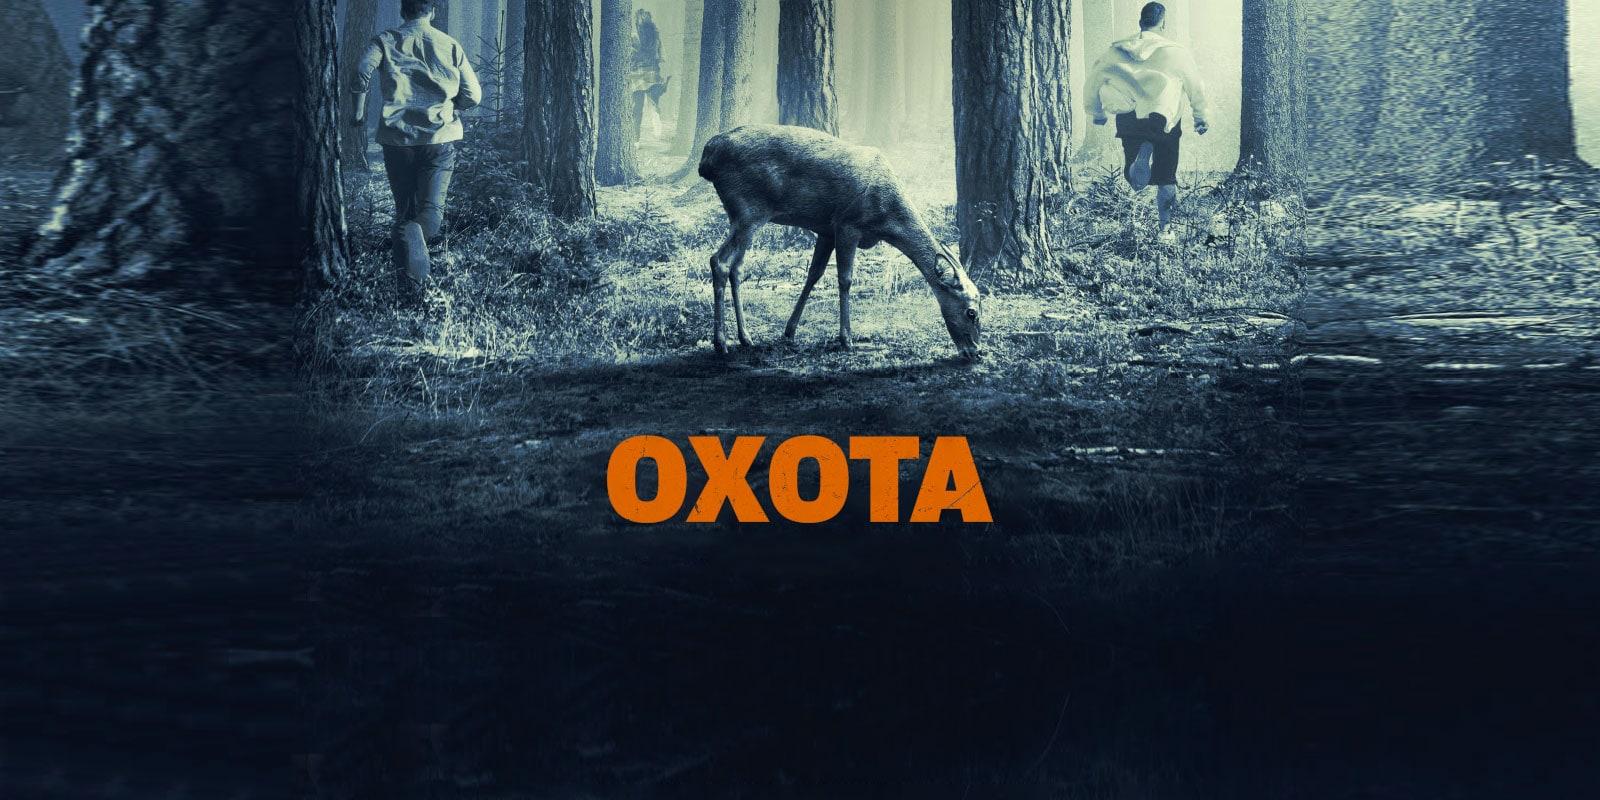 Охота (2020) — The Hunt